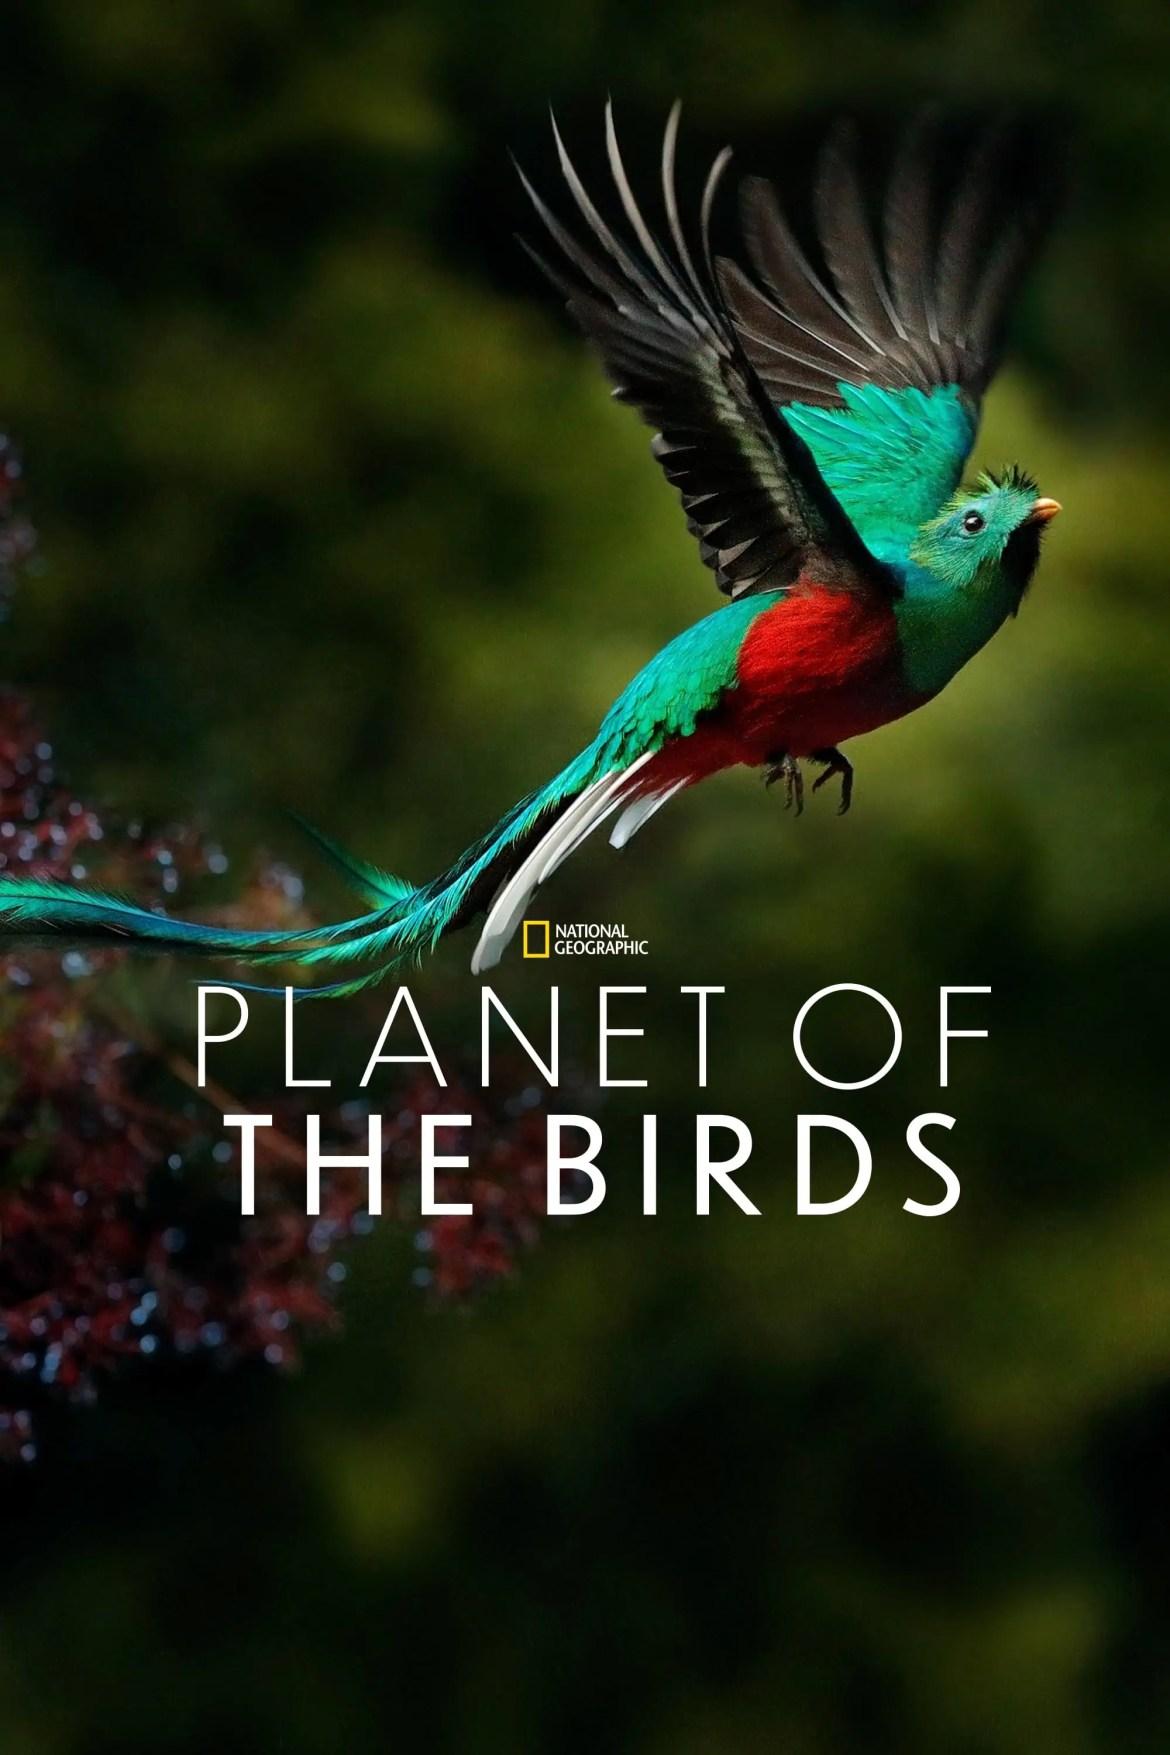 Disneyplus film Planet of the birds